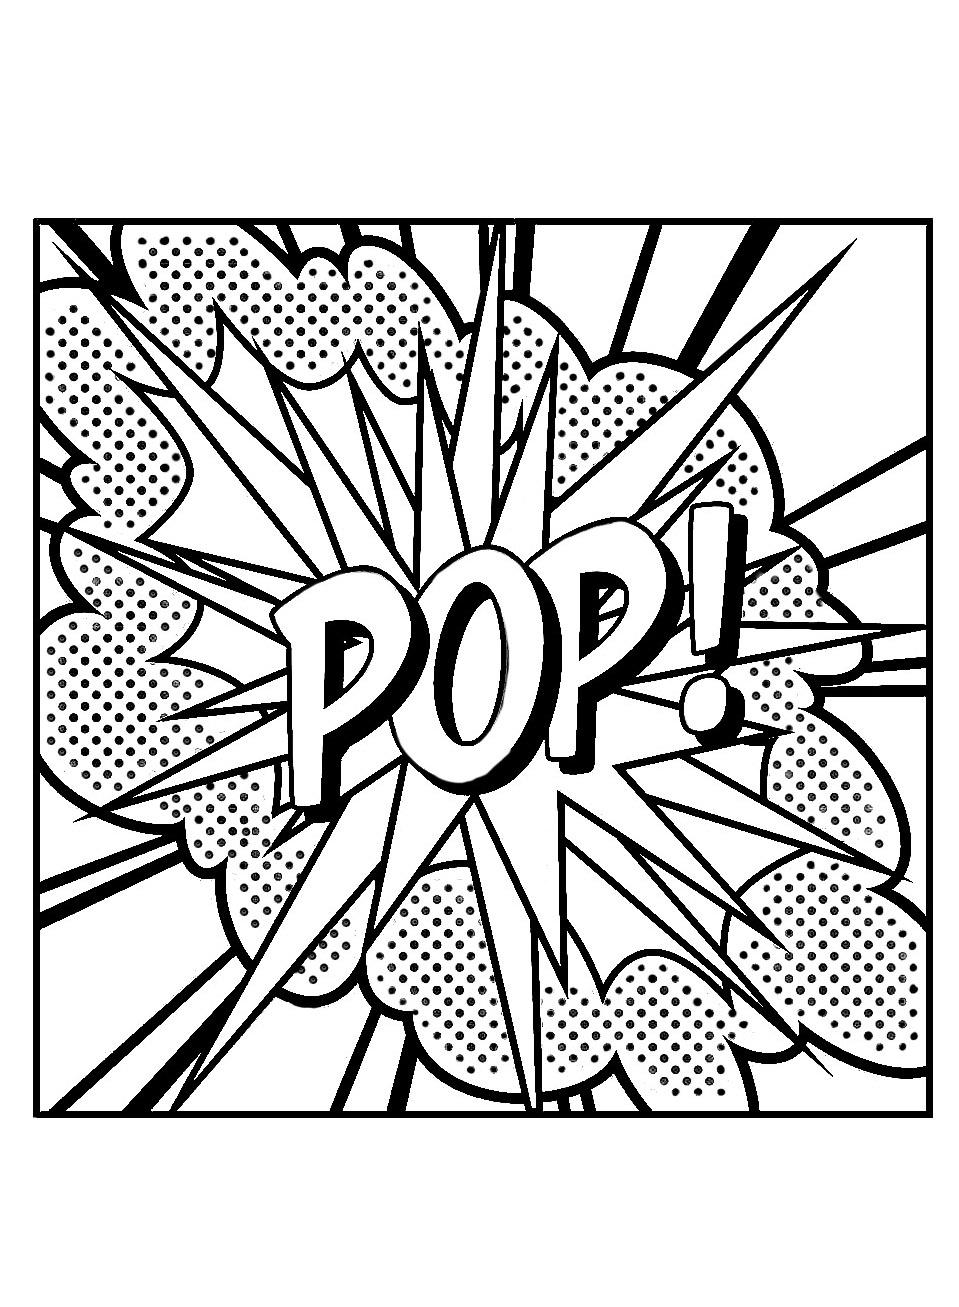 Roy lichtenstein to download for free - Roy Lichtenstein ...